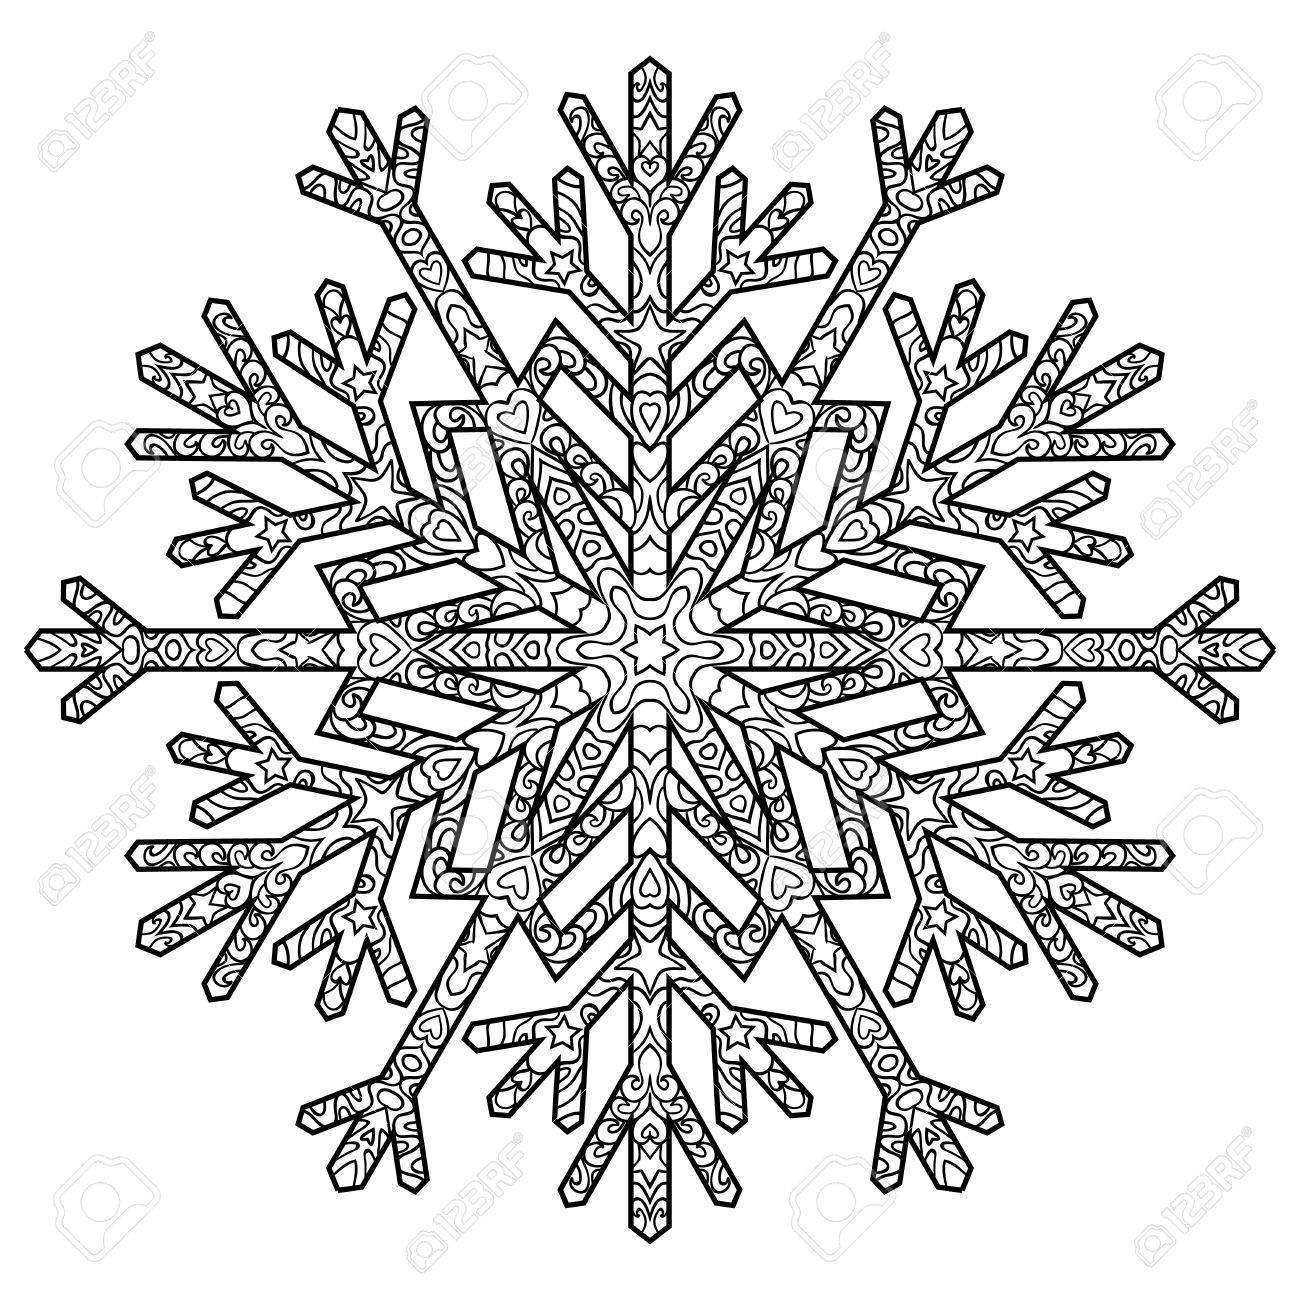 Hand Gezeichnet Antistress-Schneeflocke. Vorlage Für Die Abdeckung ...